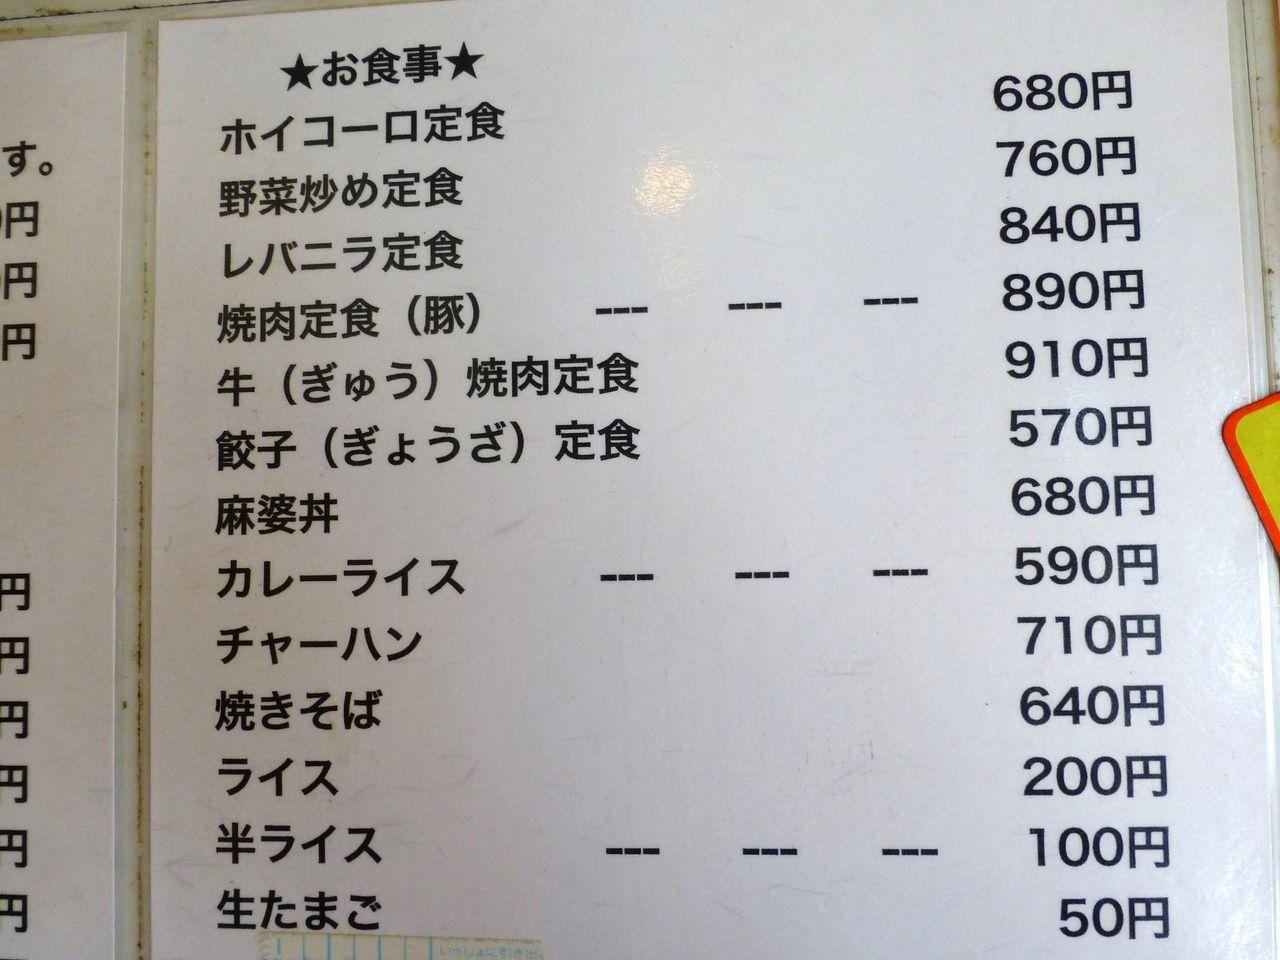 えぞ松のメニュー(26年9月現在)